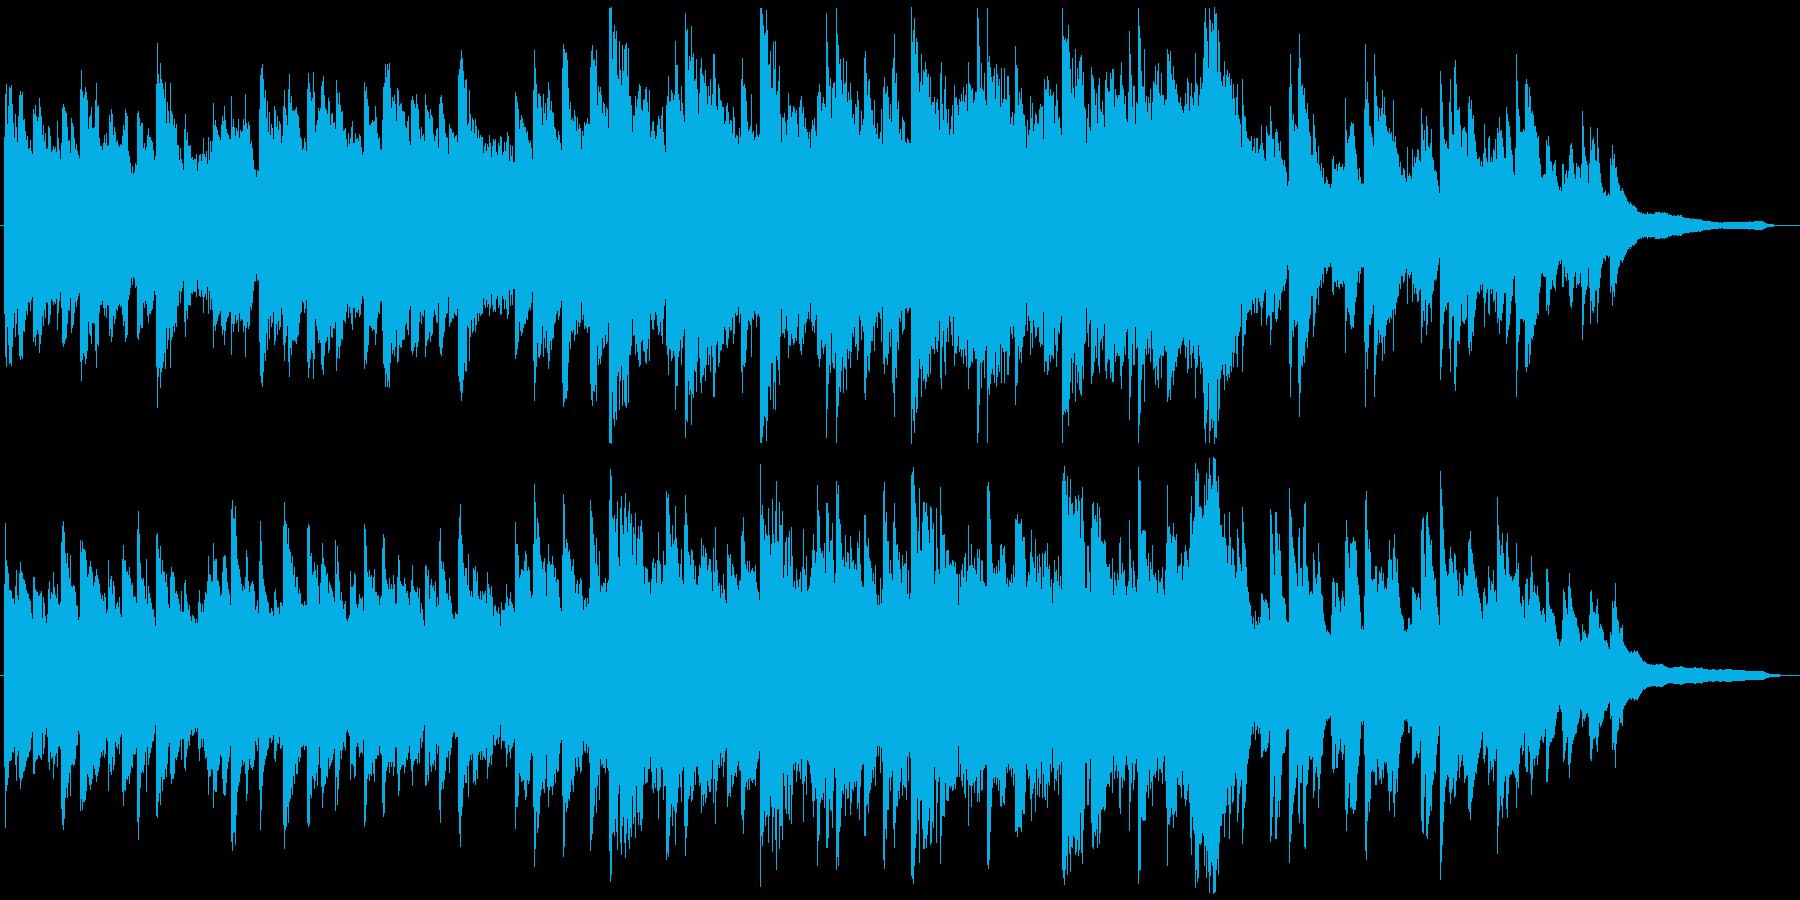 VP系12C、感動的ピアノ&オーケストラの再生済みの波形